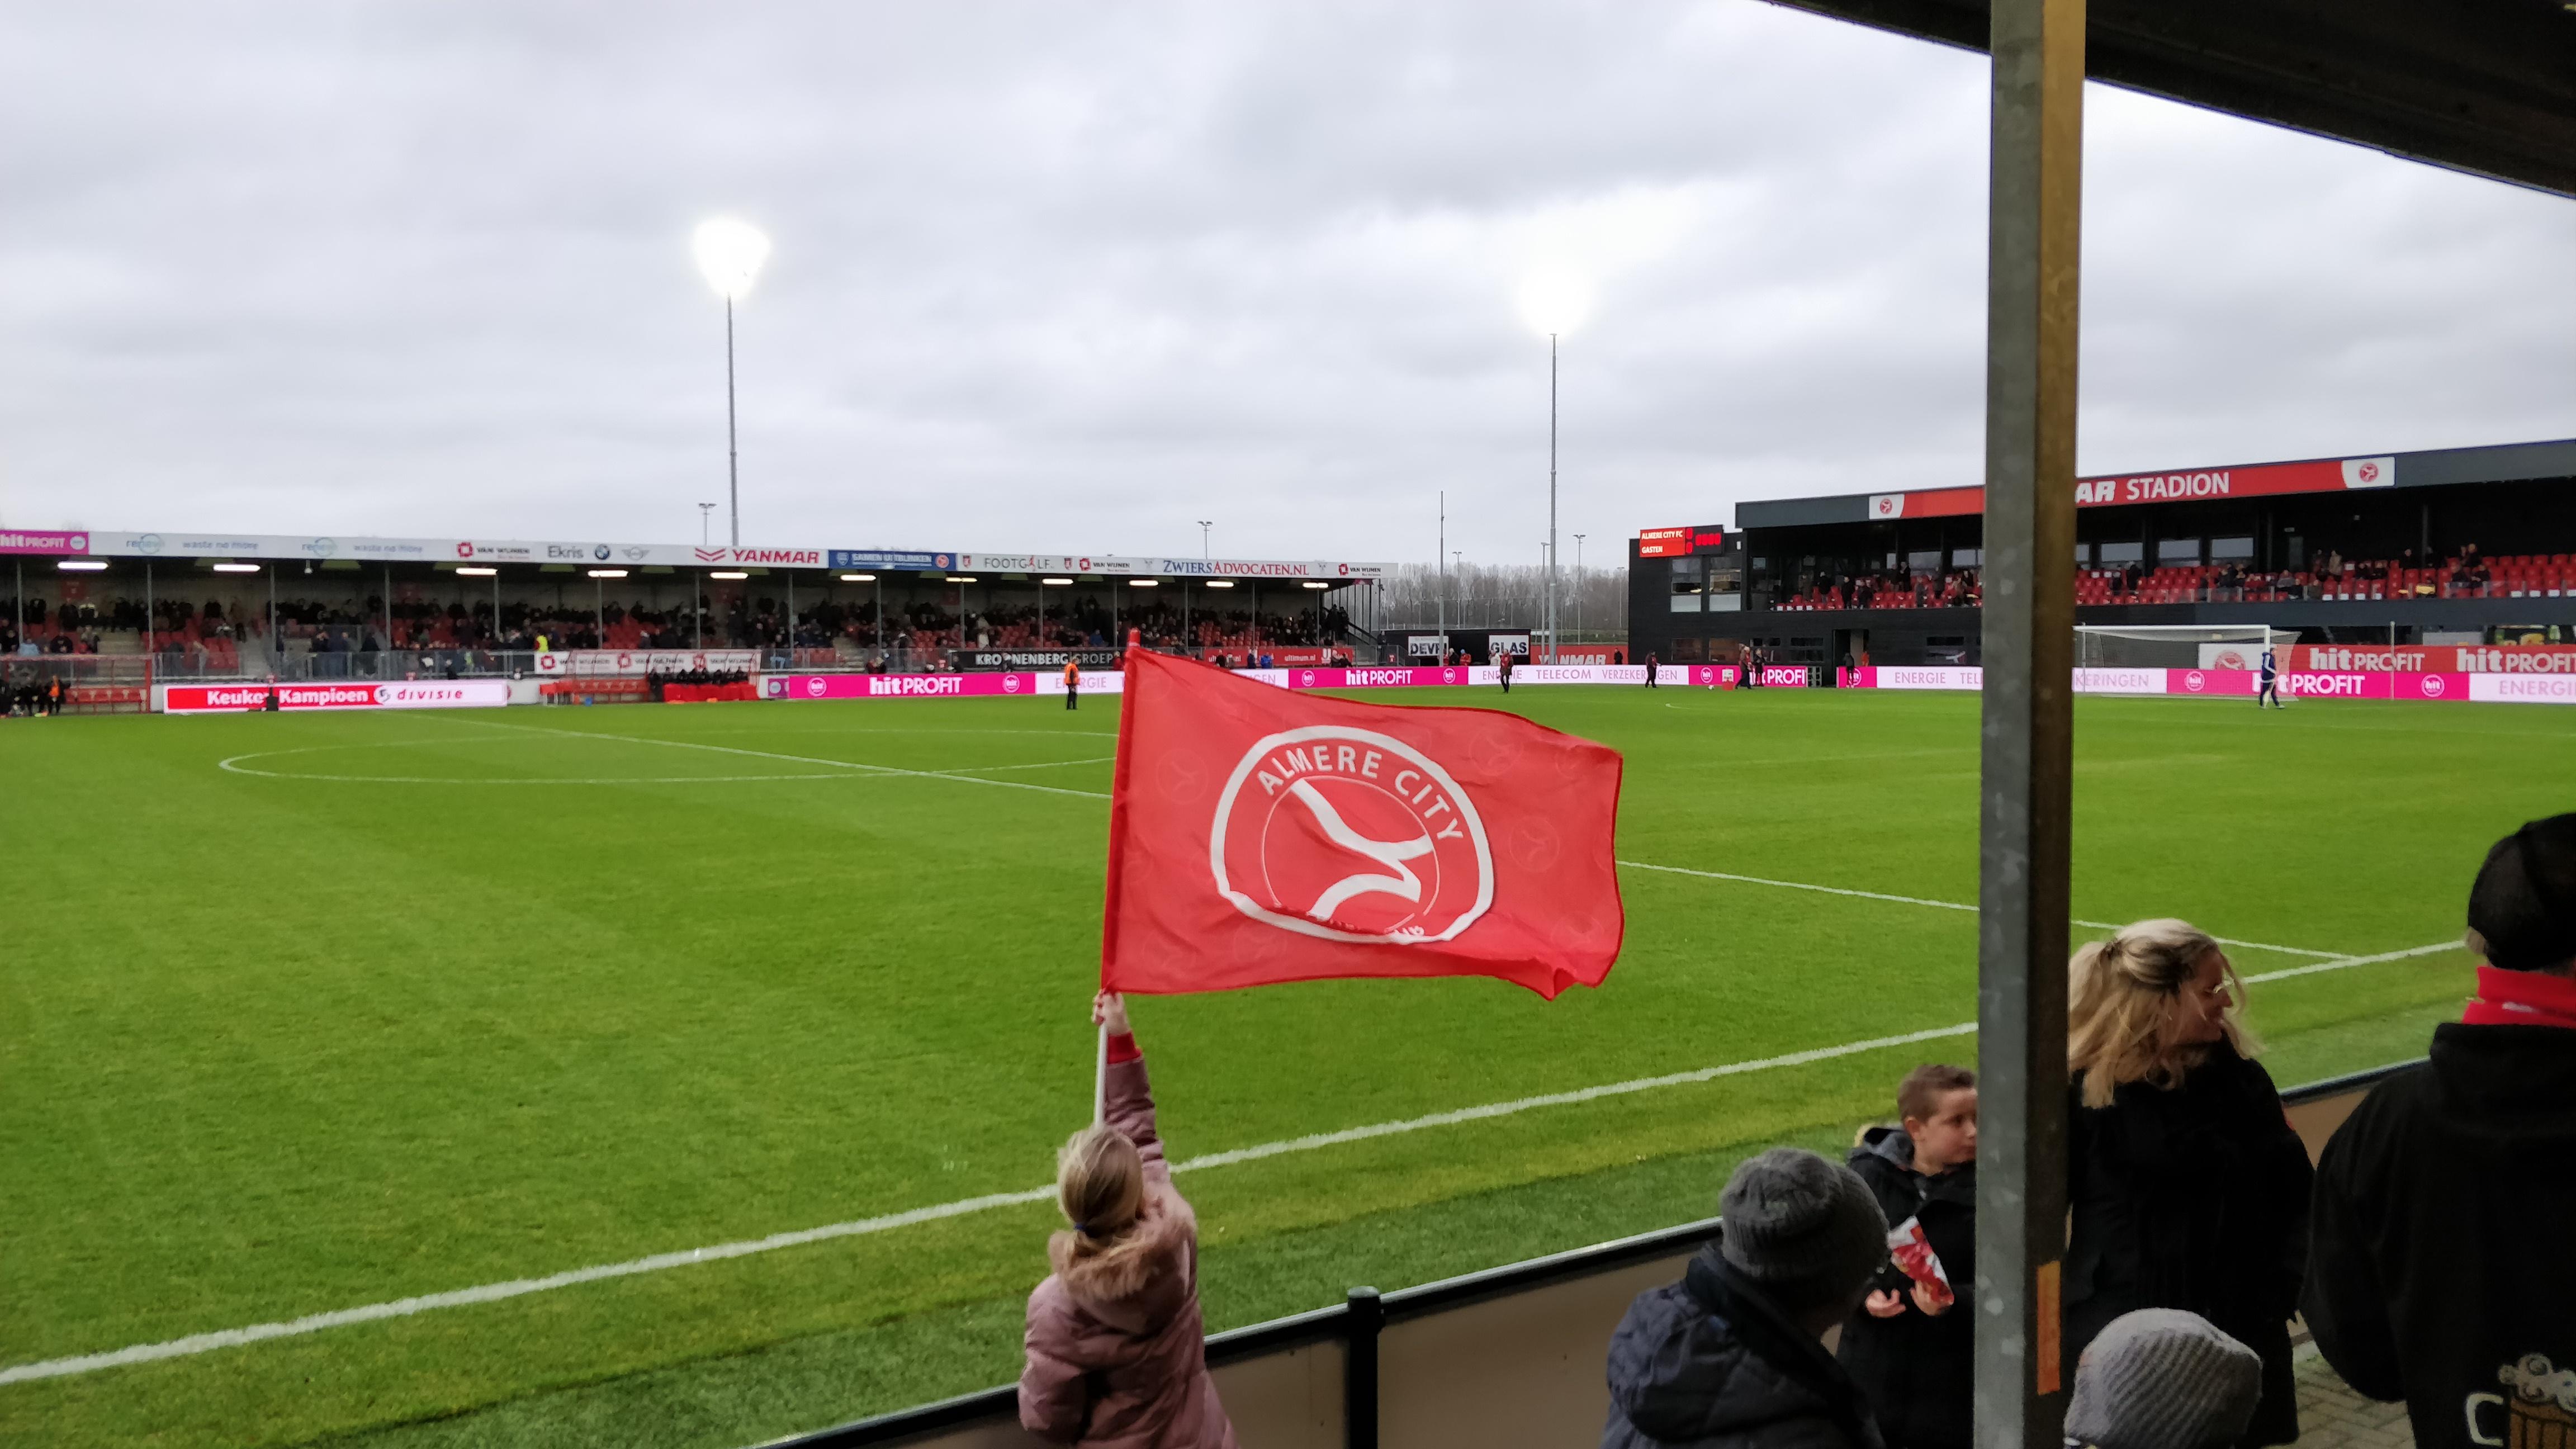 Tweede seizoenshelft begonnen met nederlaag tegen Volendam